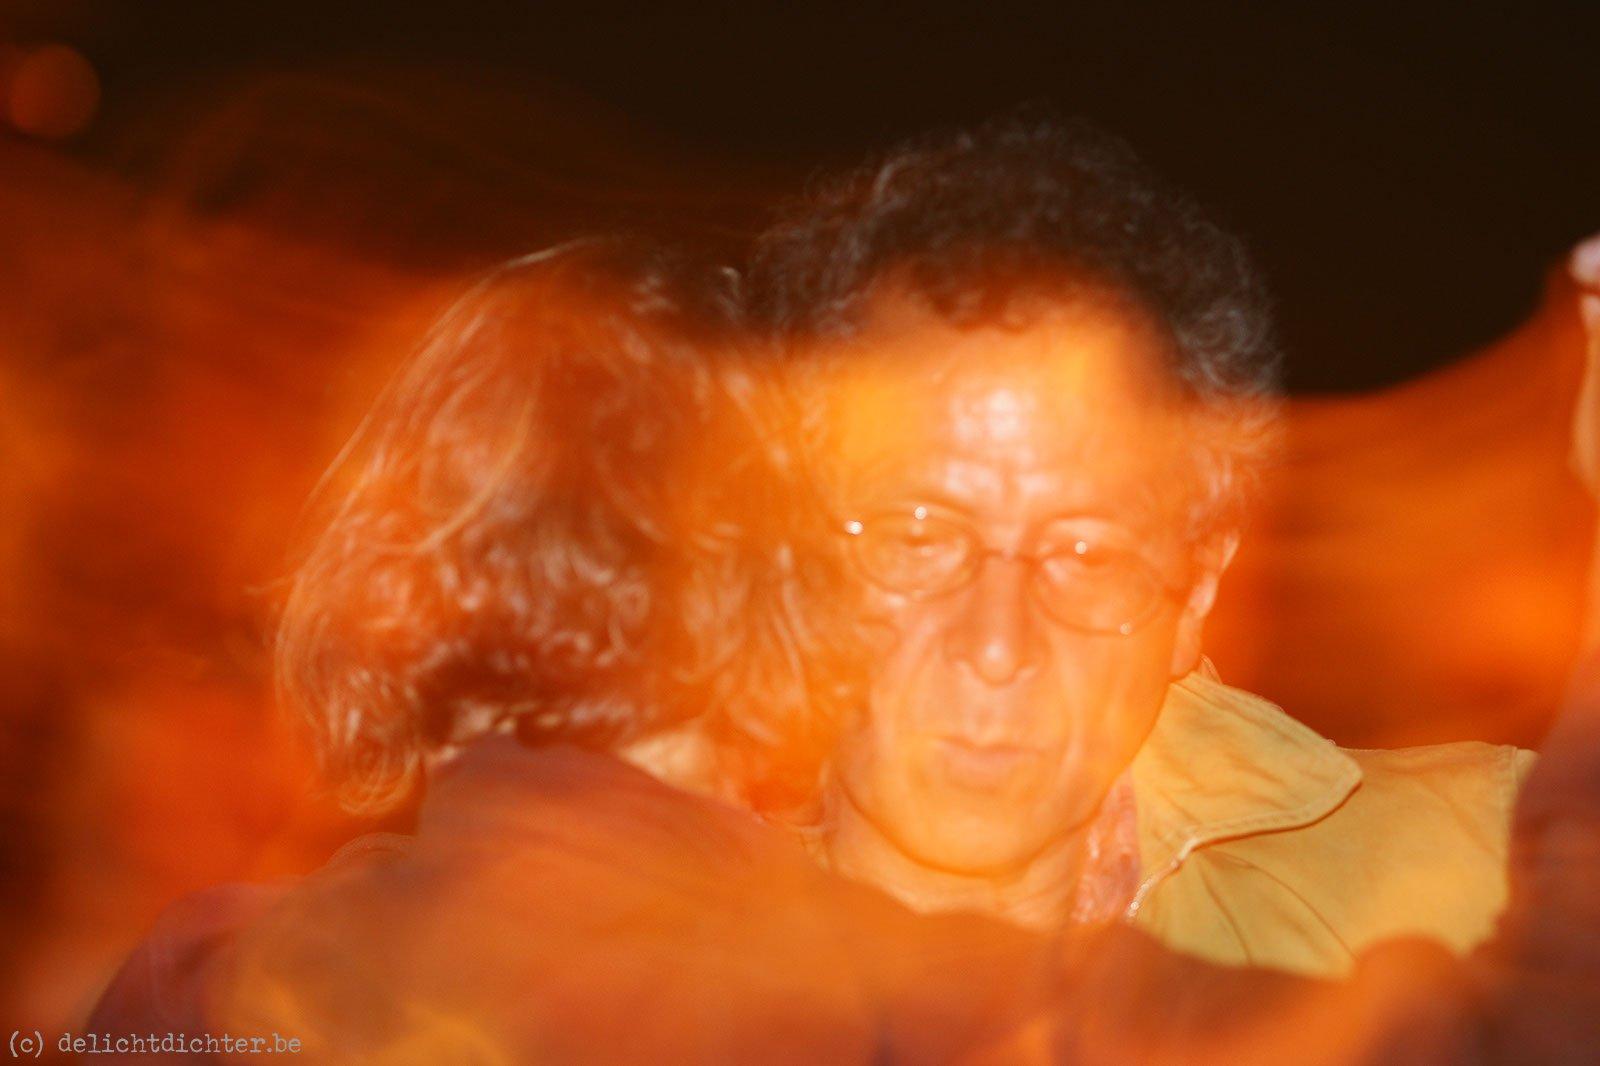 2009_08_tangobijmaanlicht_20090825_205253